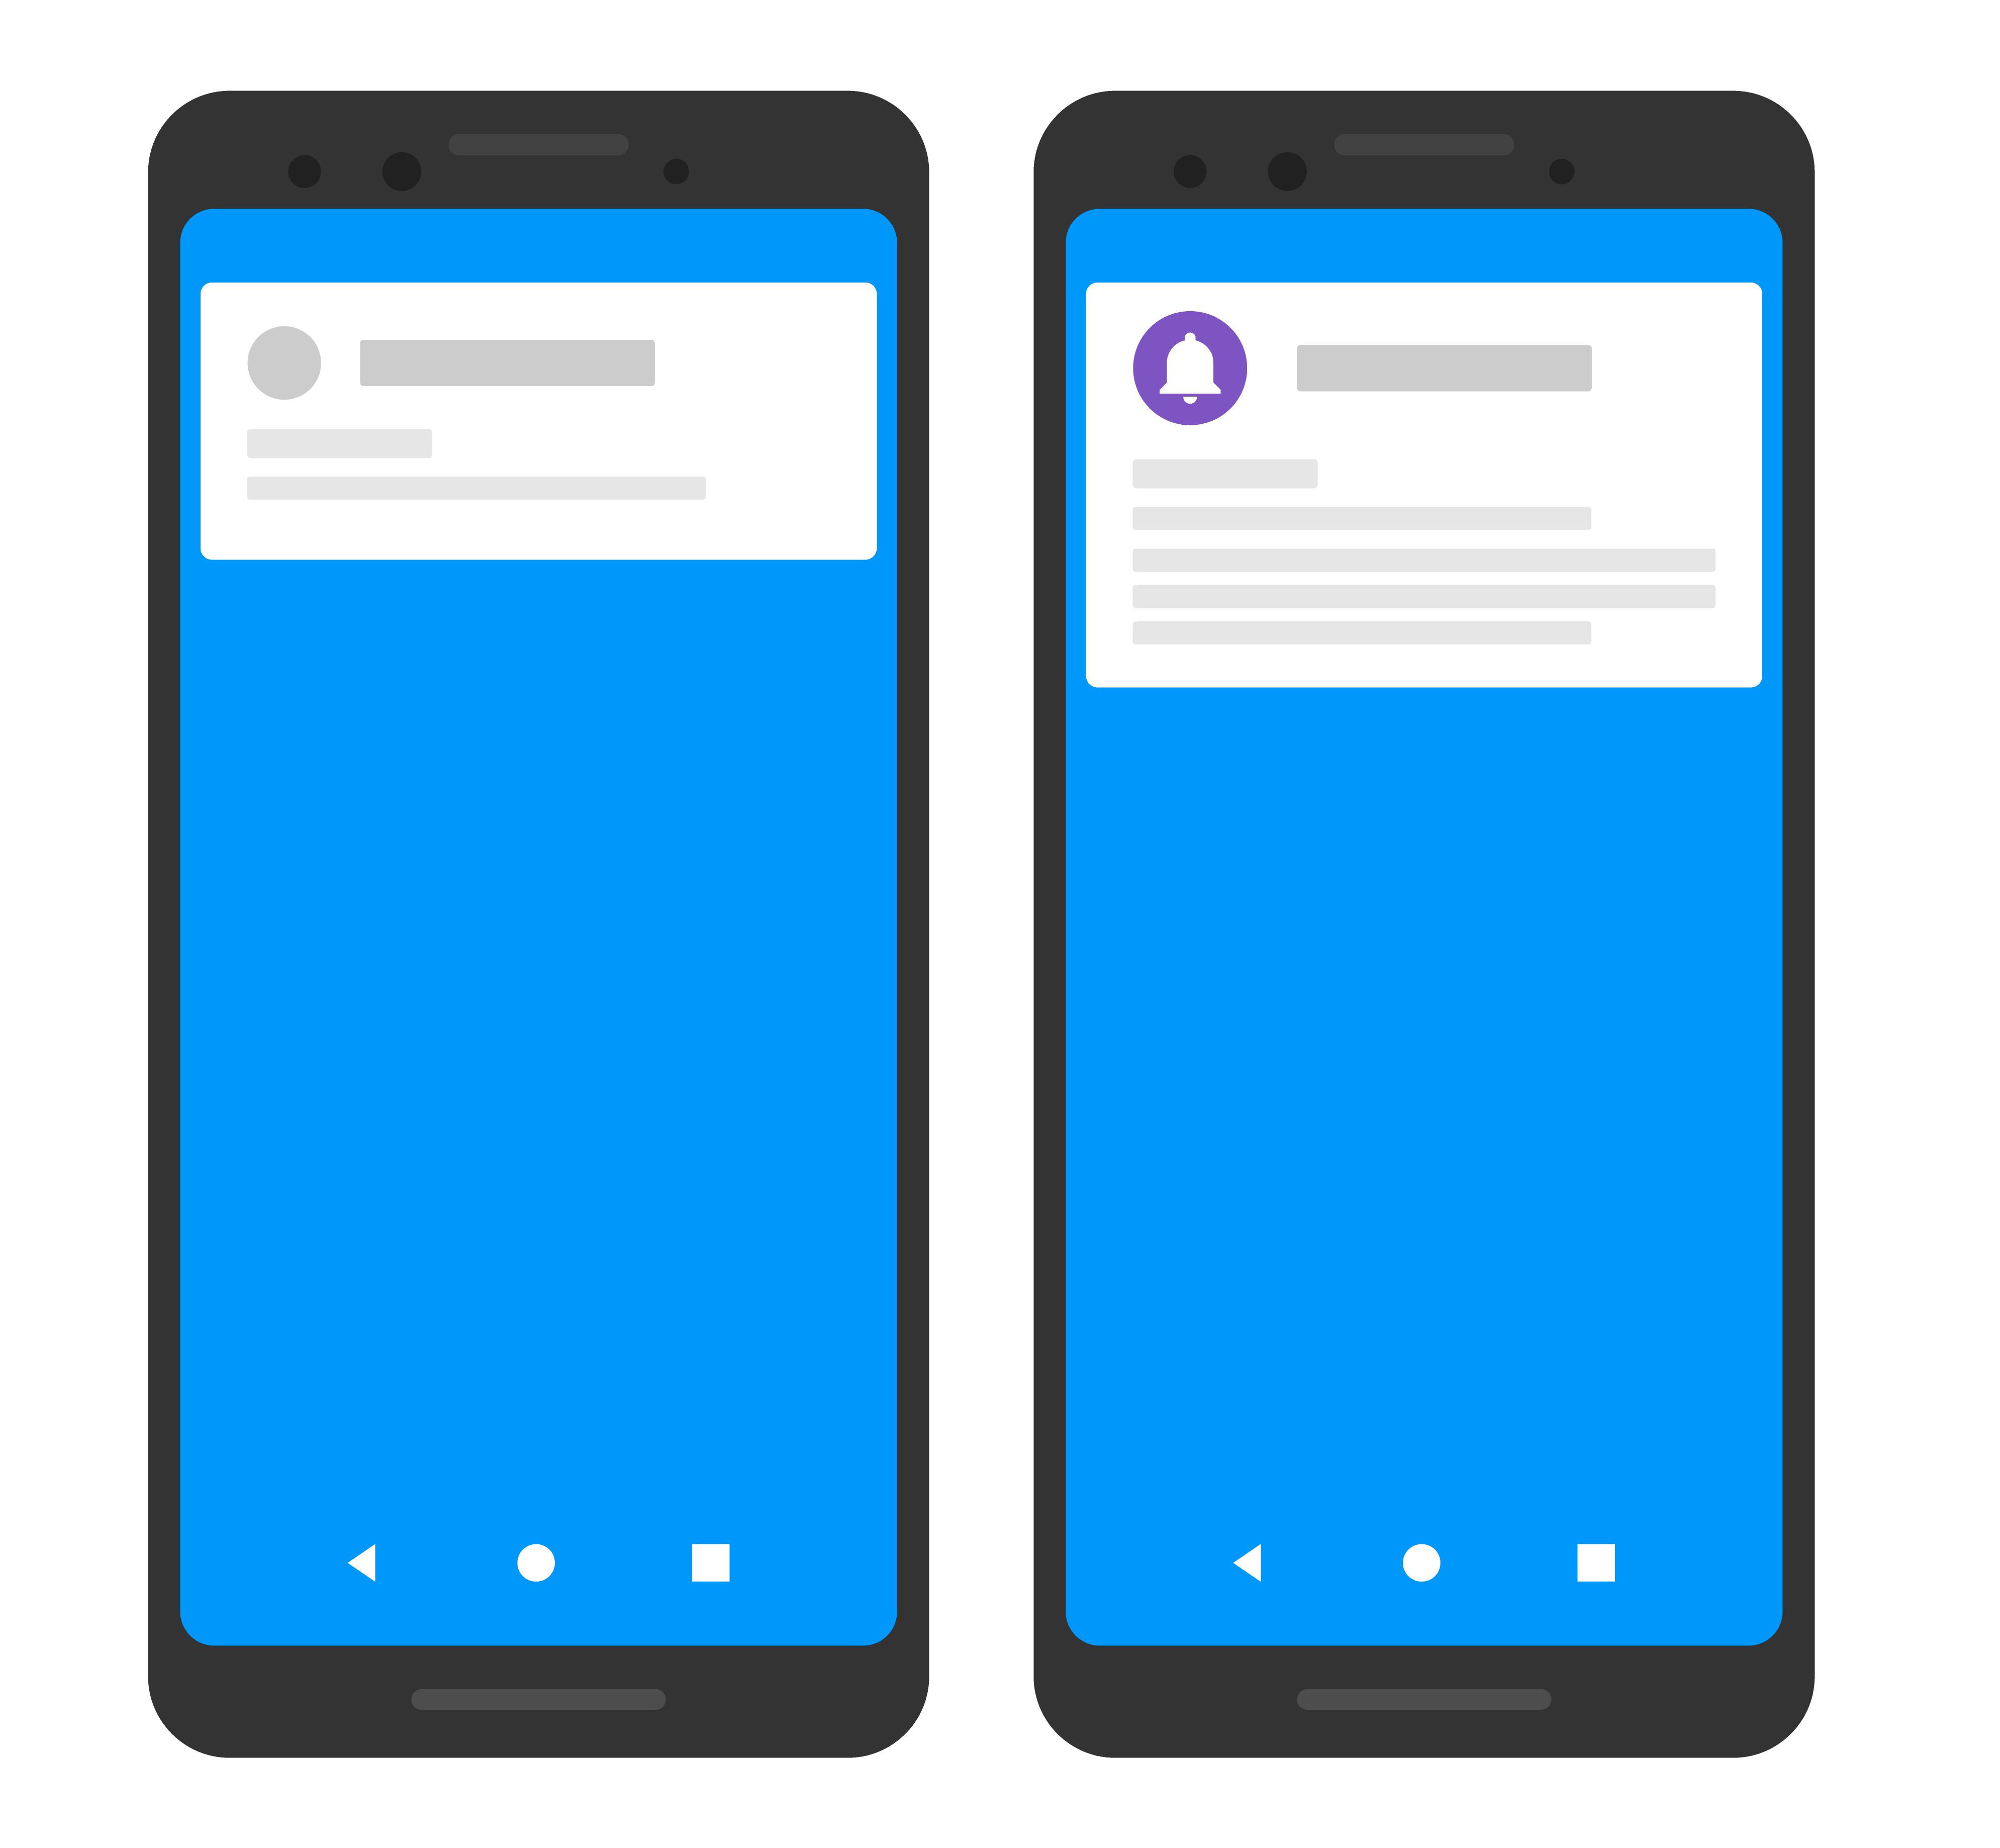 Dessin simple de deux appareils, l'un affichant une icône et une couleur personnalisées